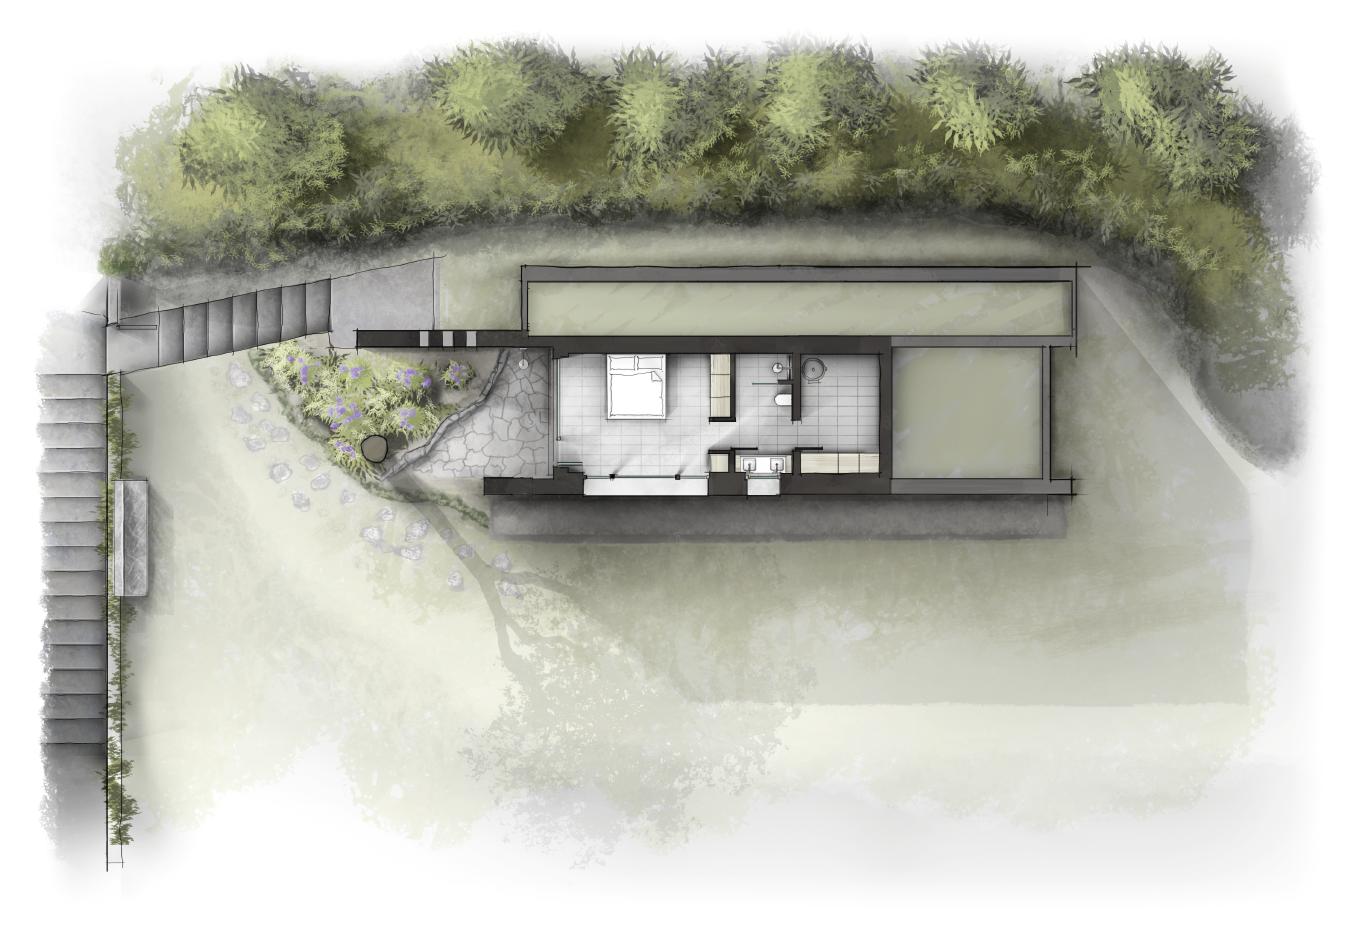 Villa gardasee grundriss eg innenarchitektur zeichnungen for Innenarchitektur leipzig